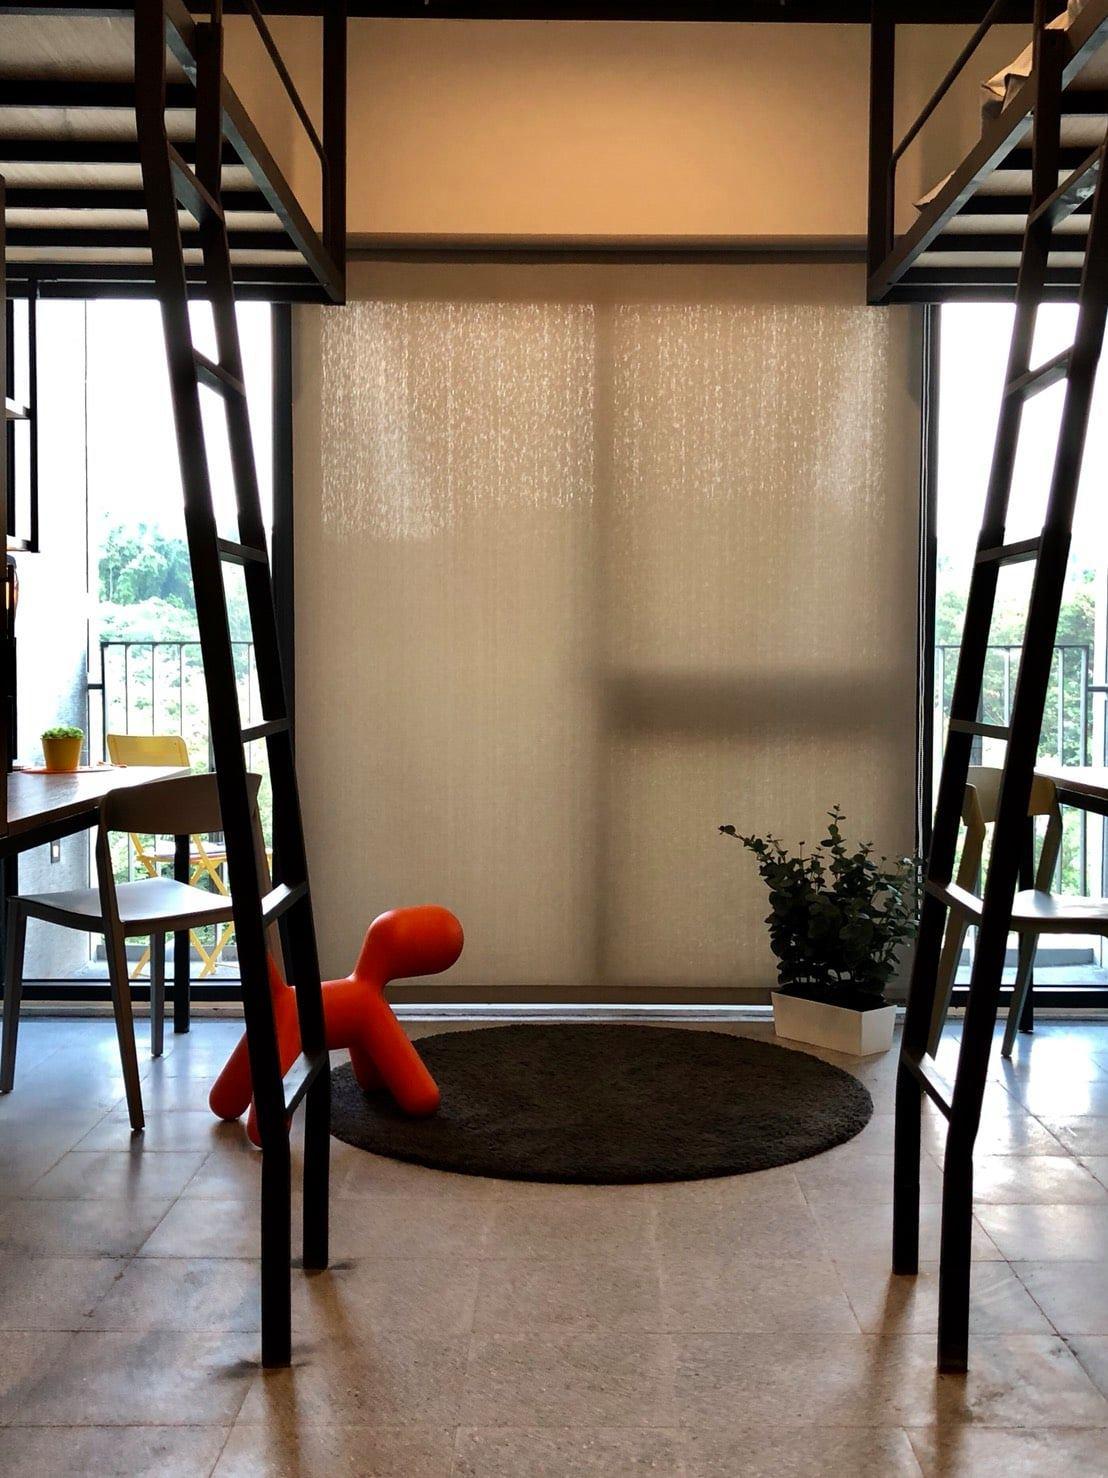 實踐大學「絕美新宿舍」公開 校友看「臥室裝潢」全怒了